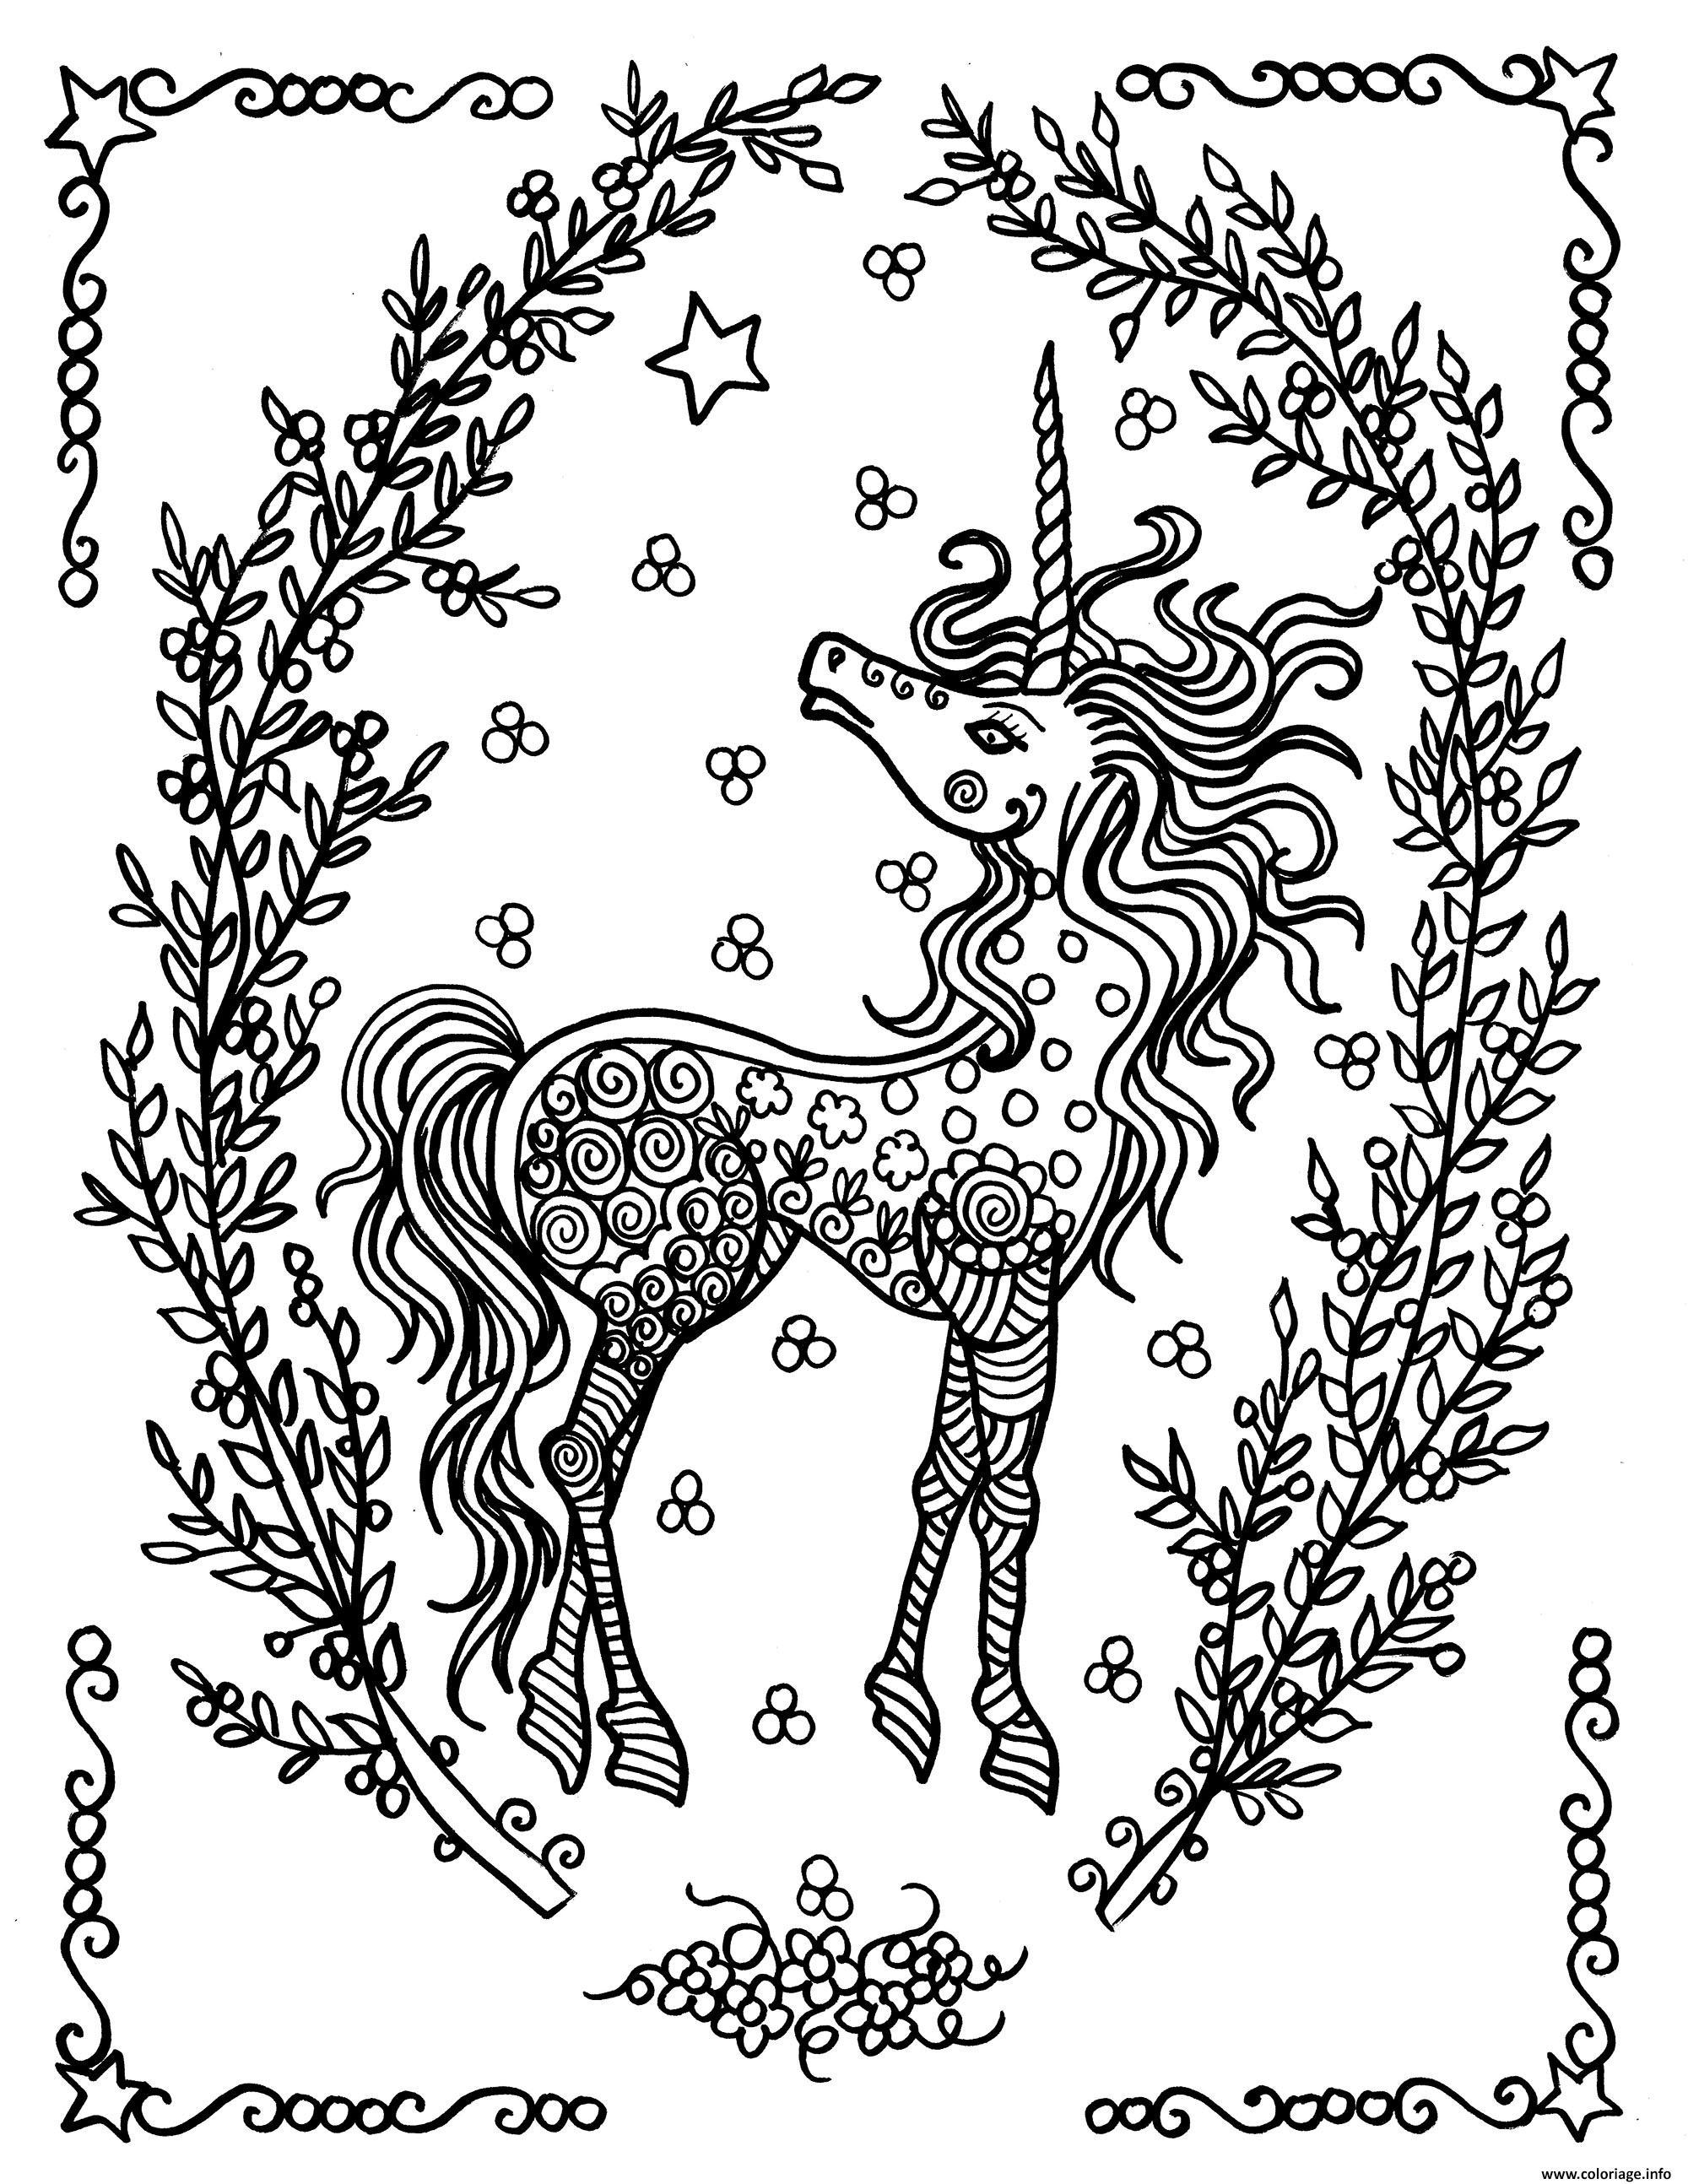 Élégant Dessin A Colorier De Licornes